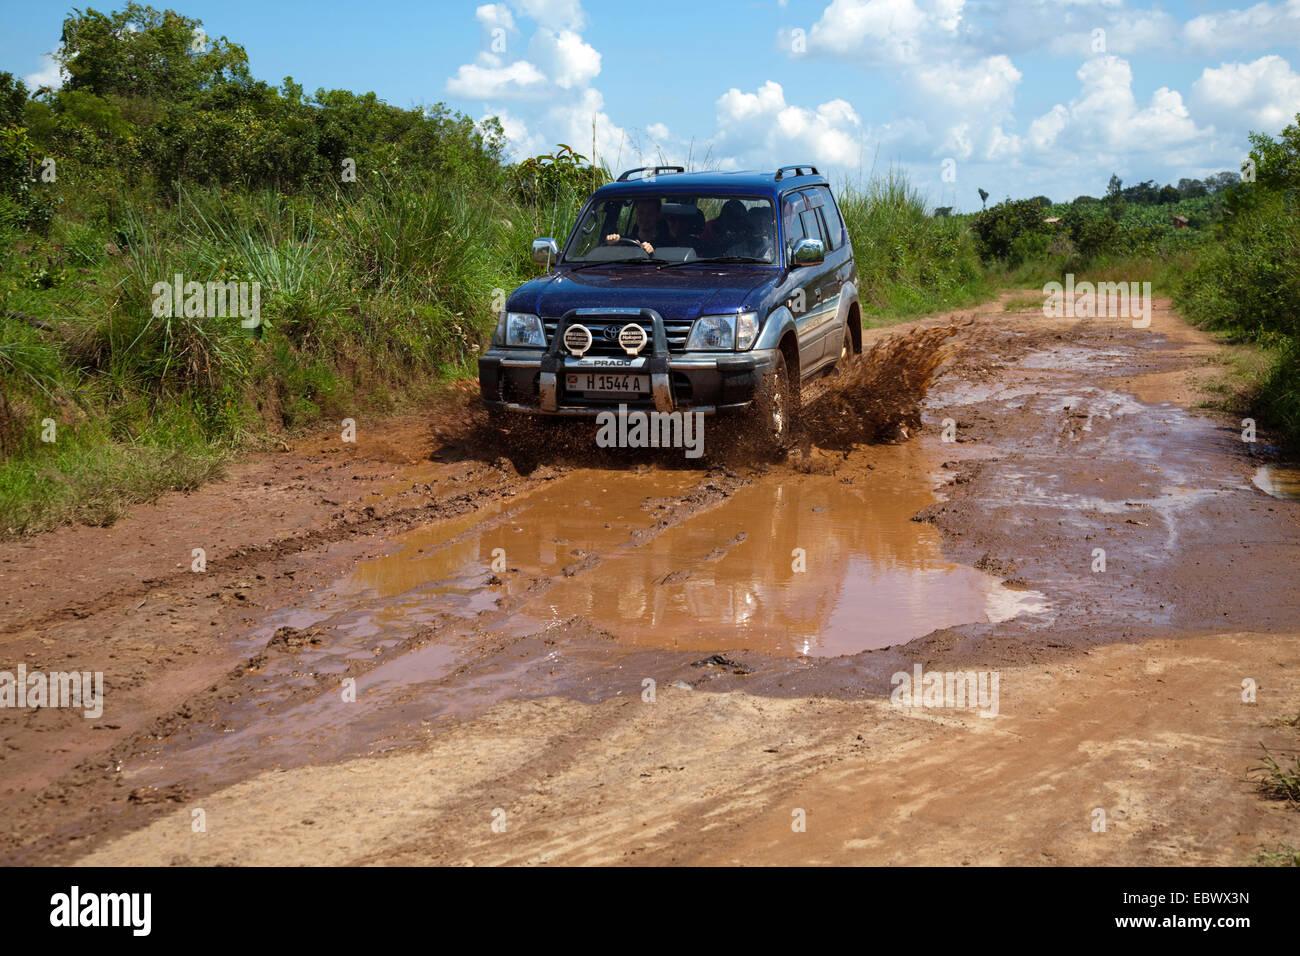 Véhicule cross-country de la conduite dans une fosse de boue sur le sol d'une route à travers un paysage Photo Stock